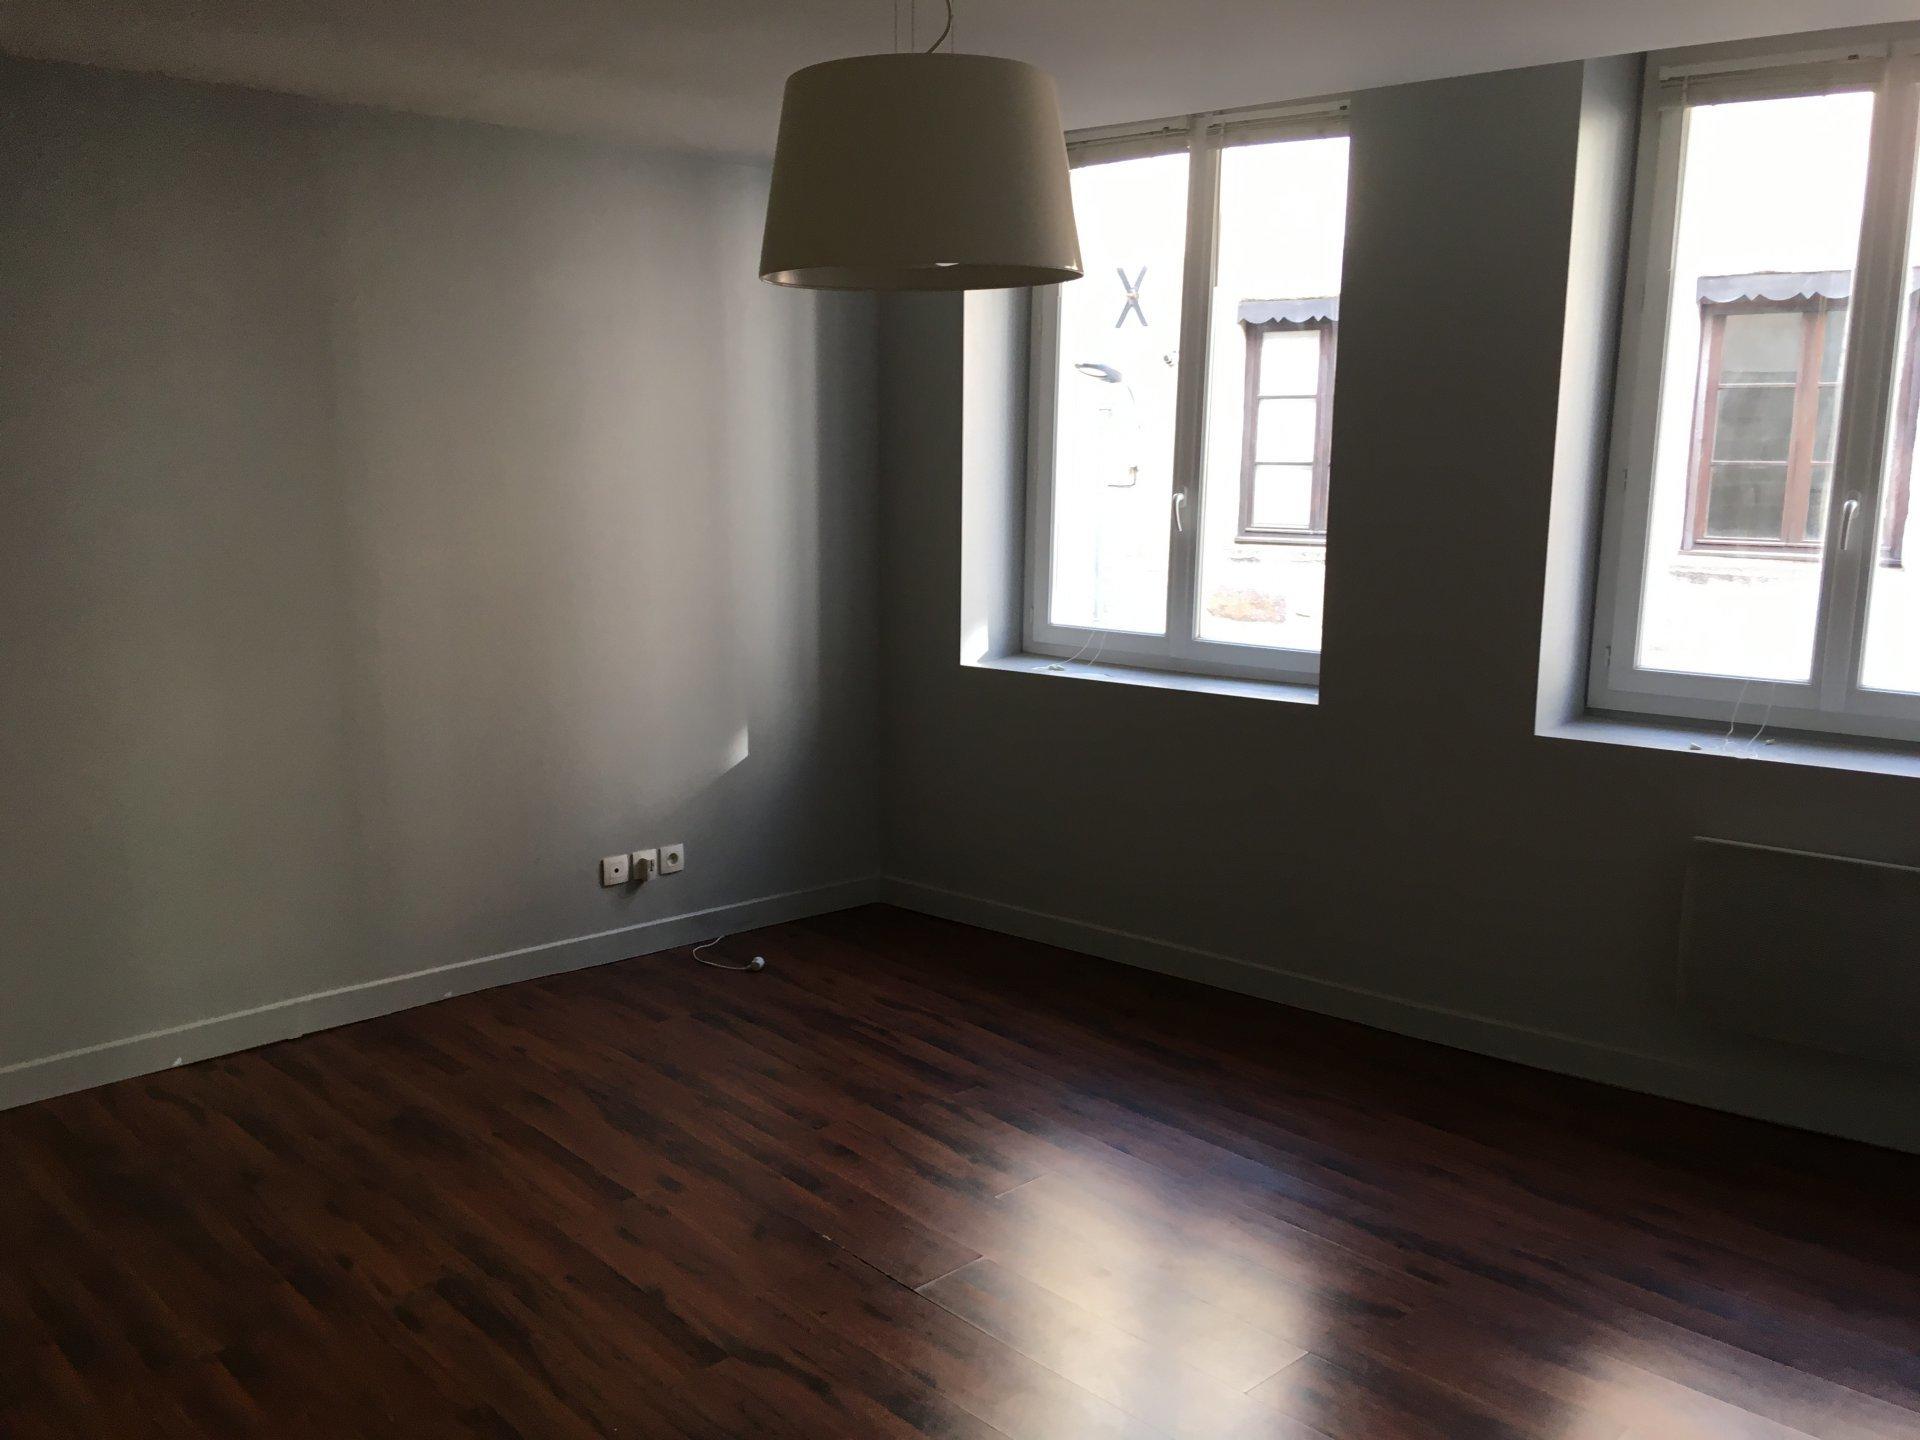 SAINT-ETIENNE- Appartement T2 42 m² -  5 minutes de la Place  CHAVANELLE